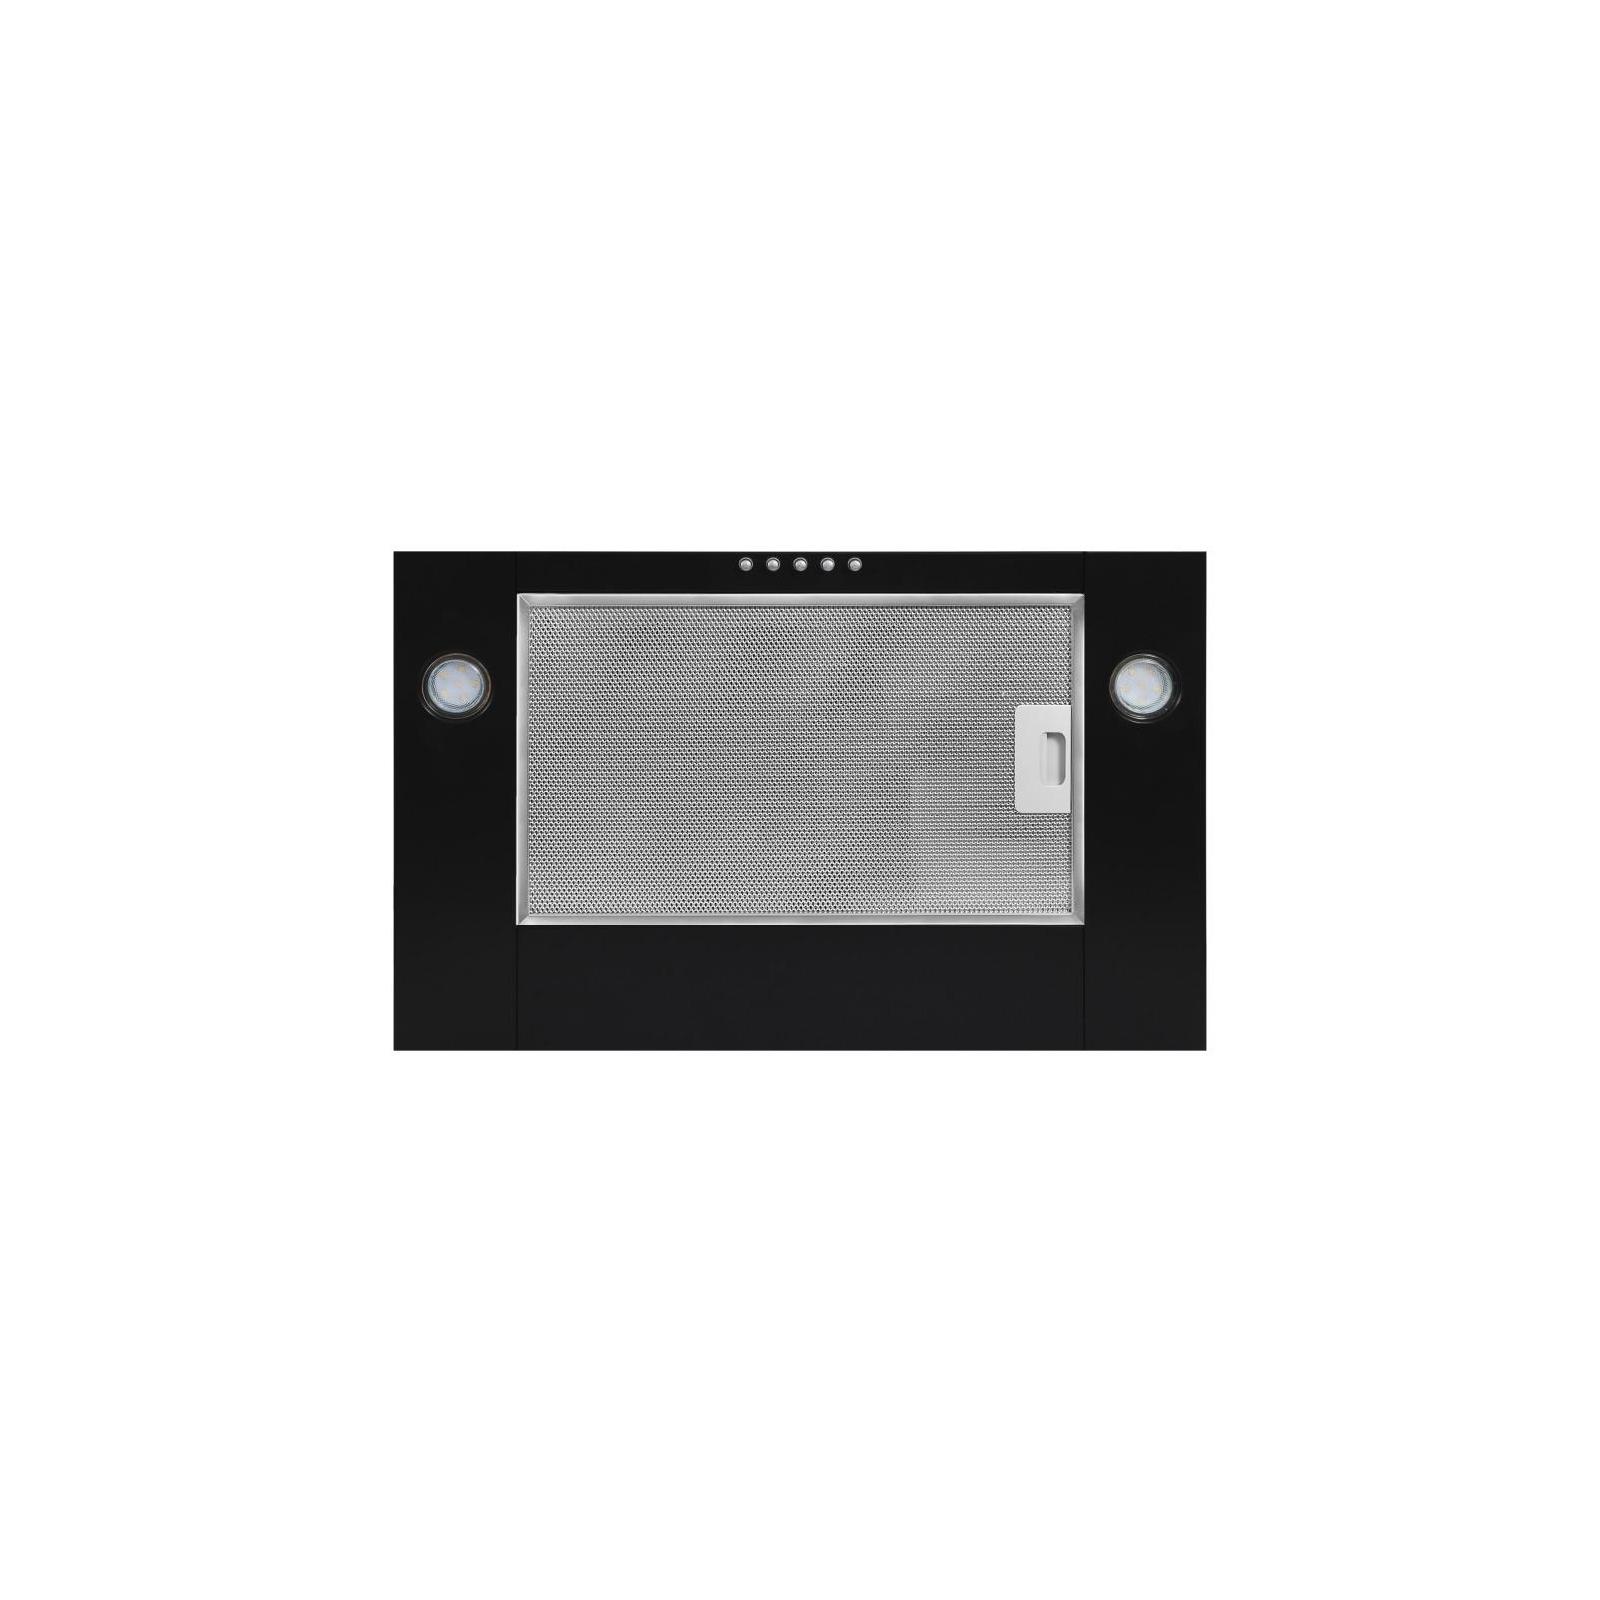 Вытяжка кухонная PERFELLI PG 6192 A 550 BL LED GLASS изображение 3